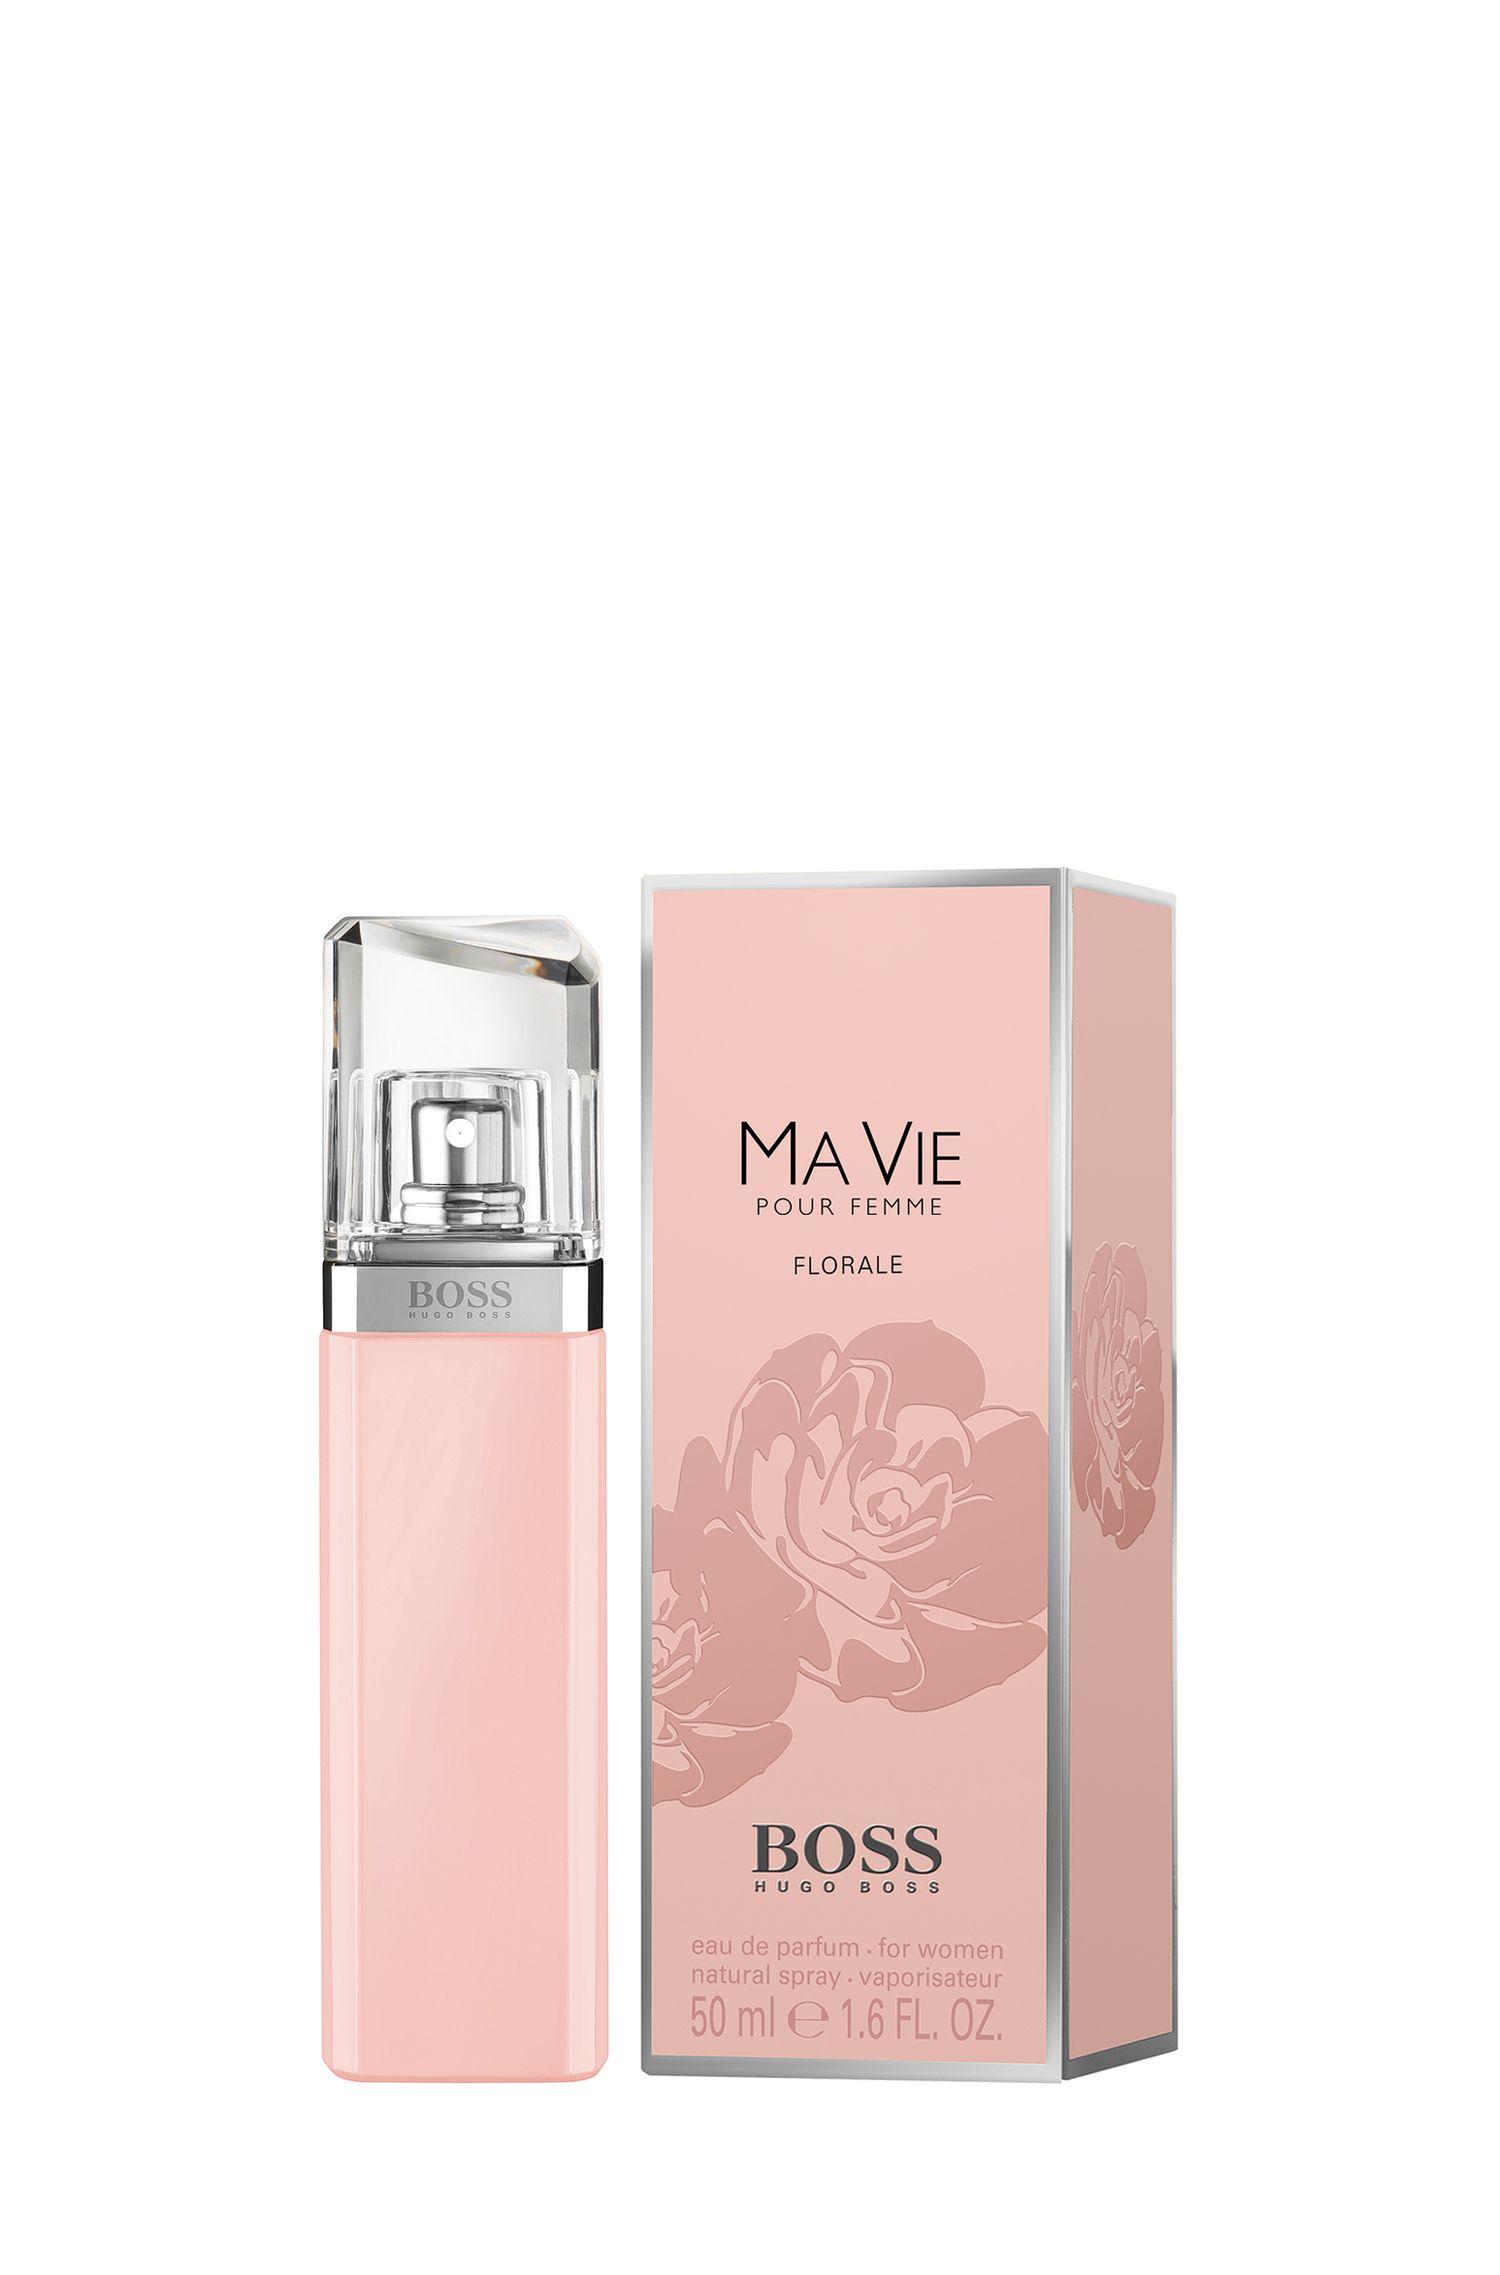 Eau de Parfum BOSS Ma Vie Florale, 50ml